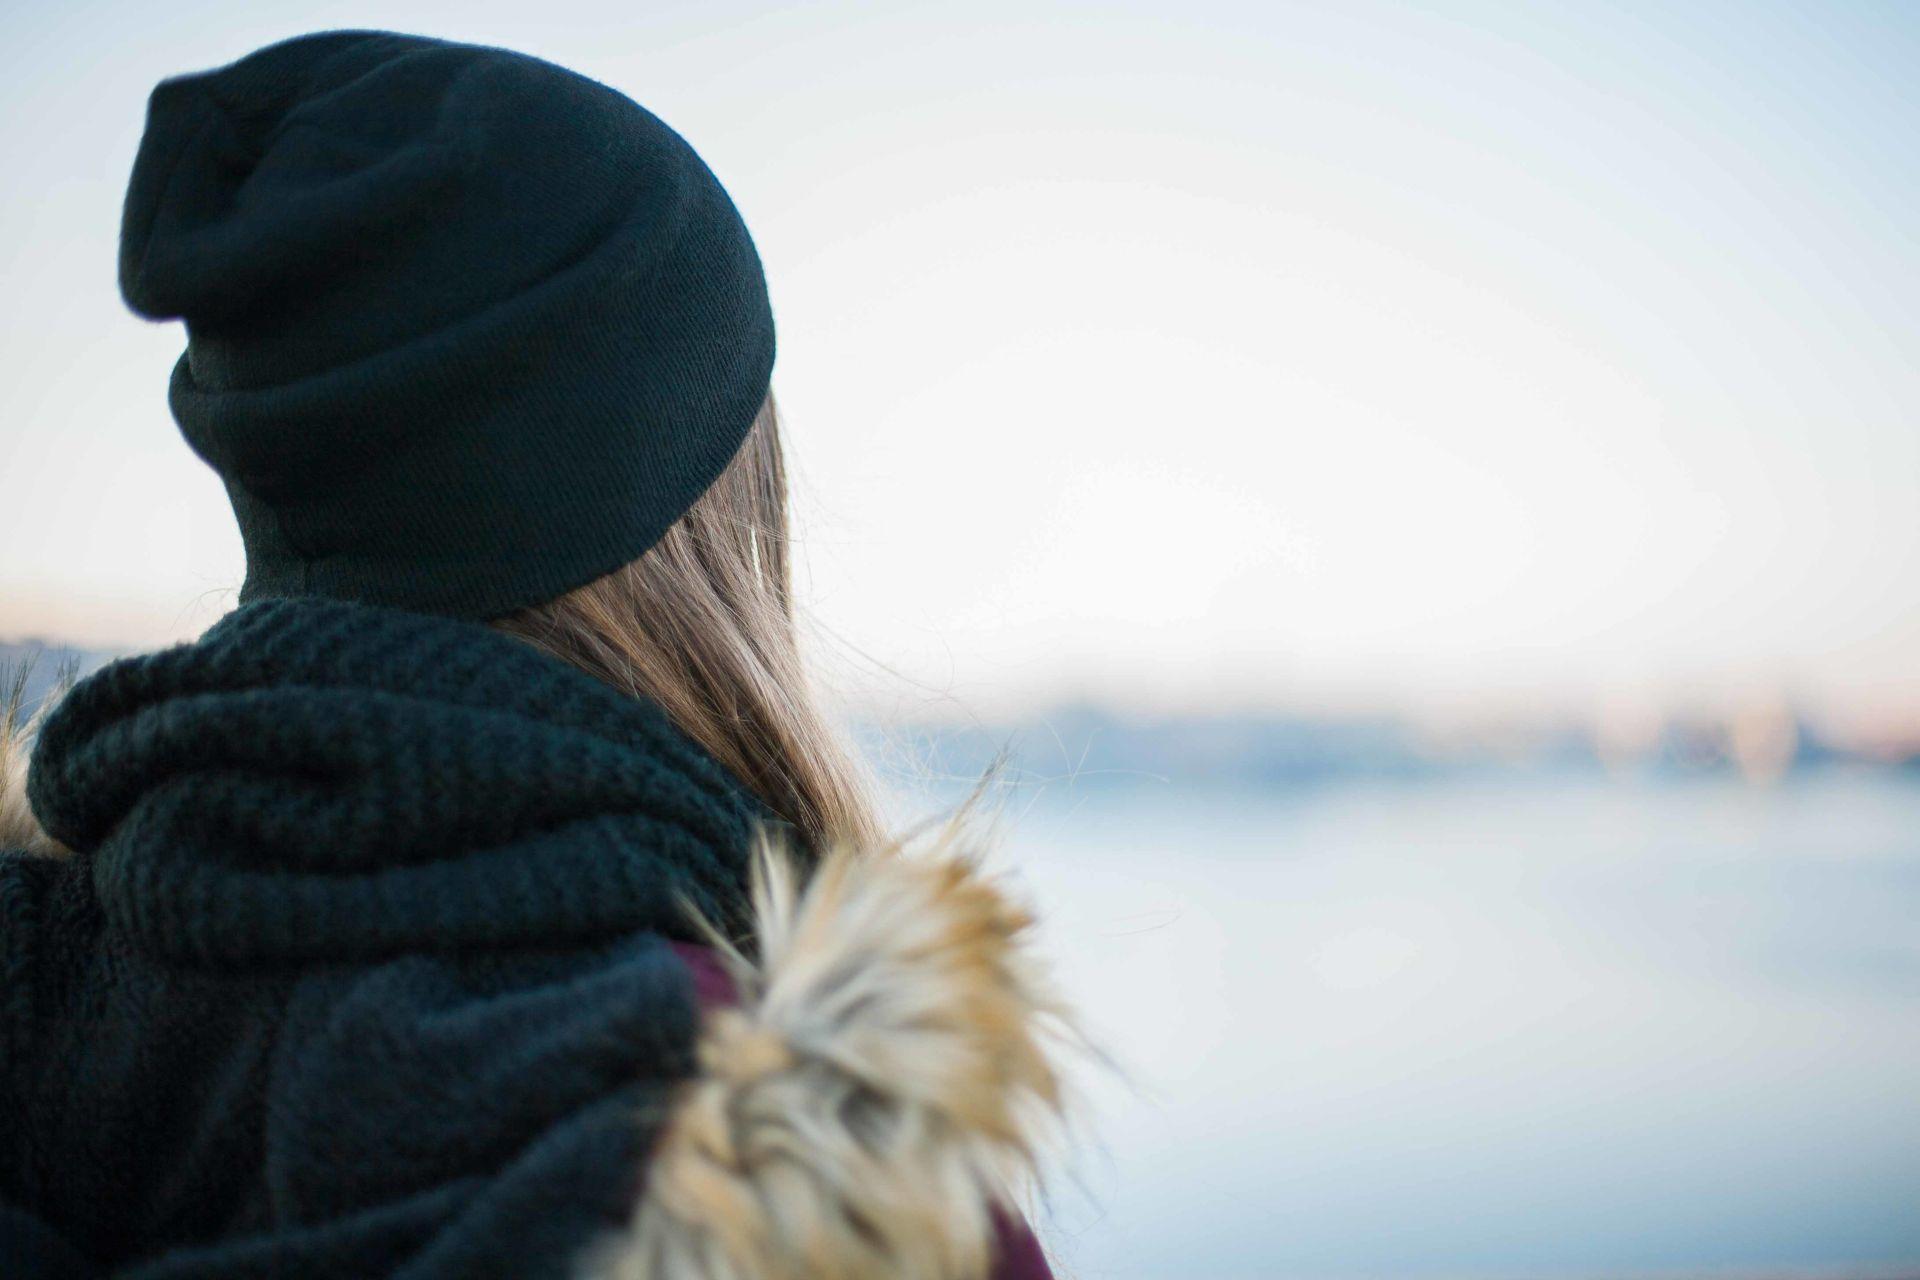 Mustapipoinen tyttö selin kameraan katsoo sumeaa lumista maisemaa.